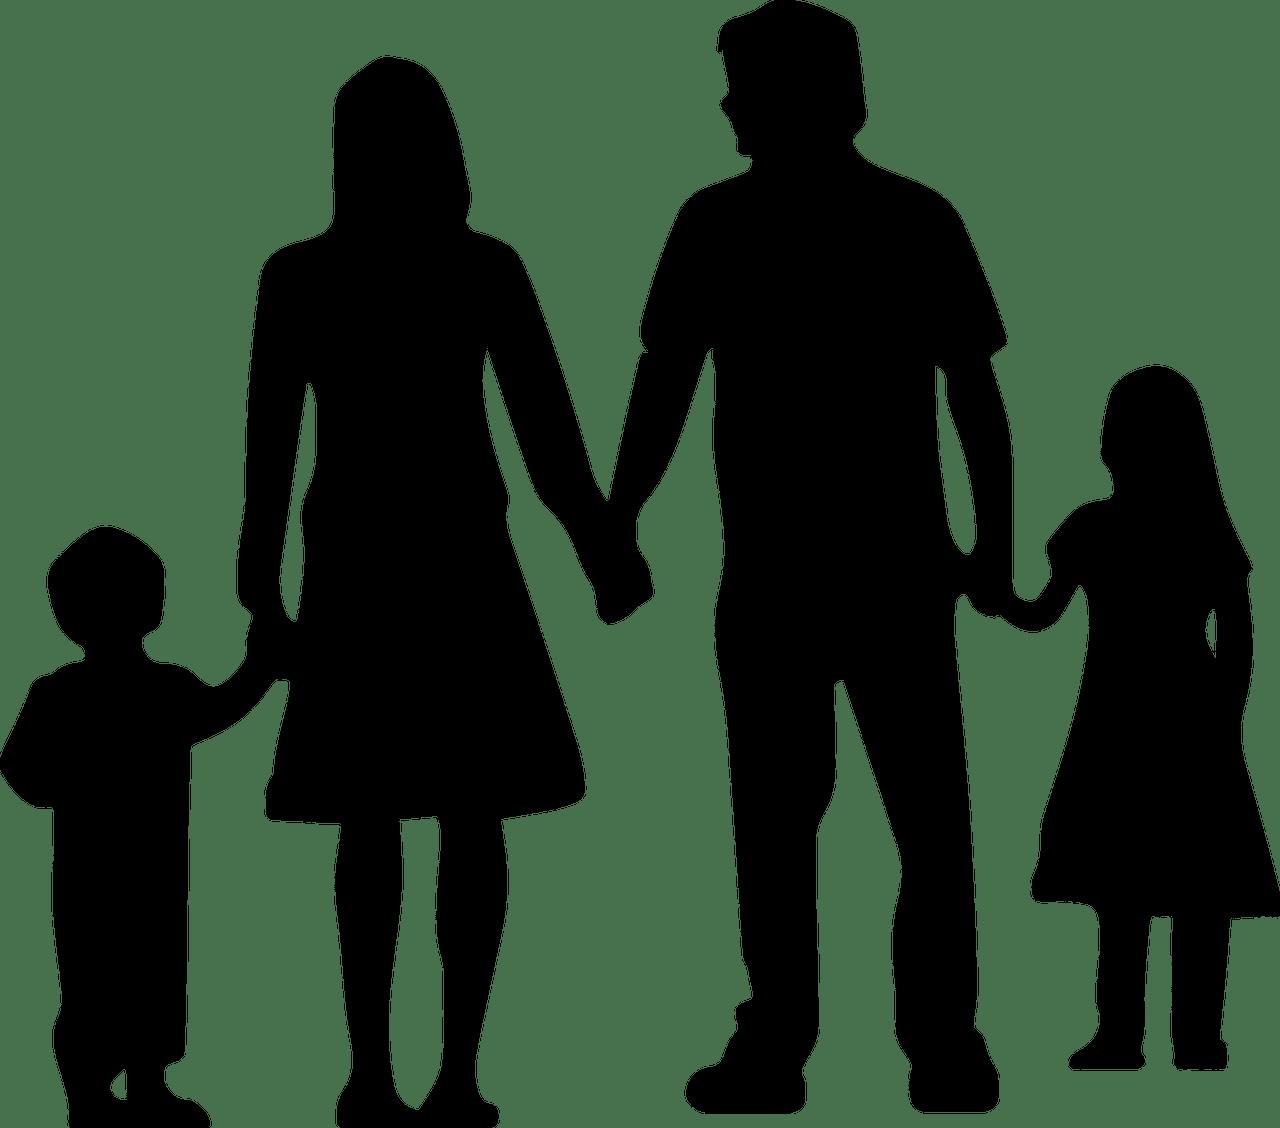 כיצד אחים צריכים להתחלק בכיבוד הורים?